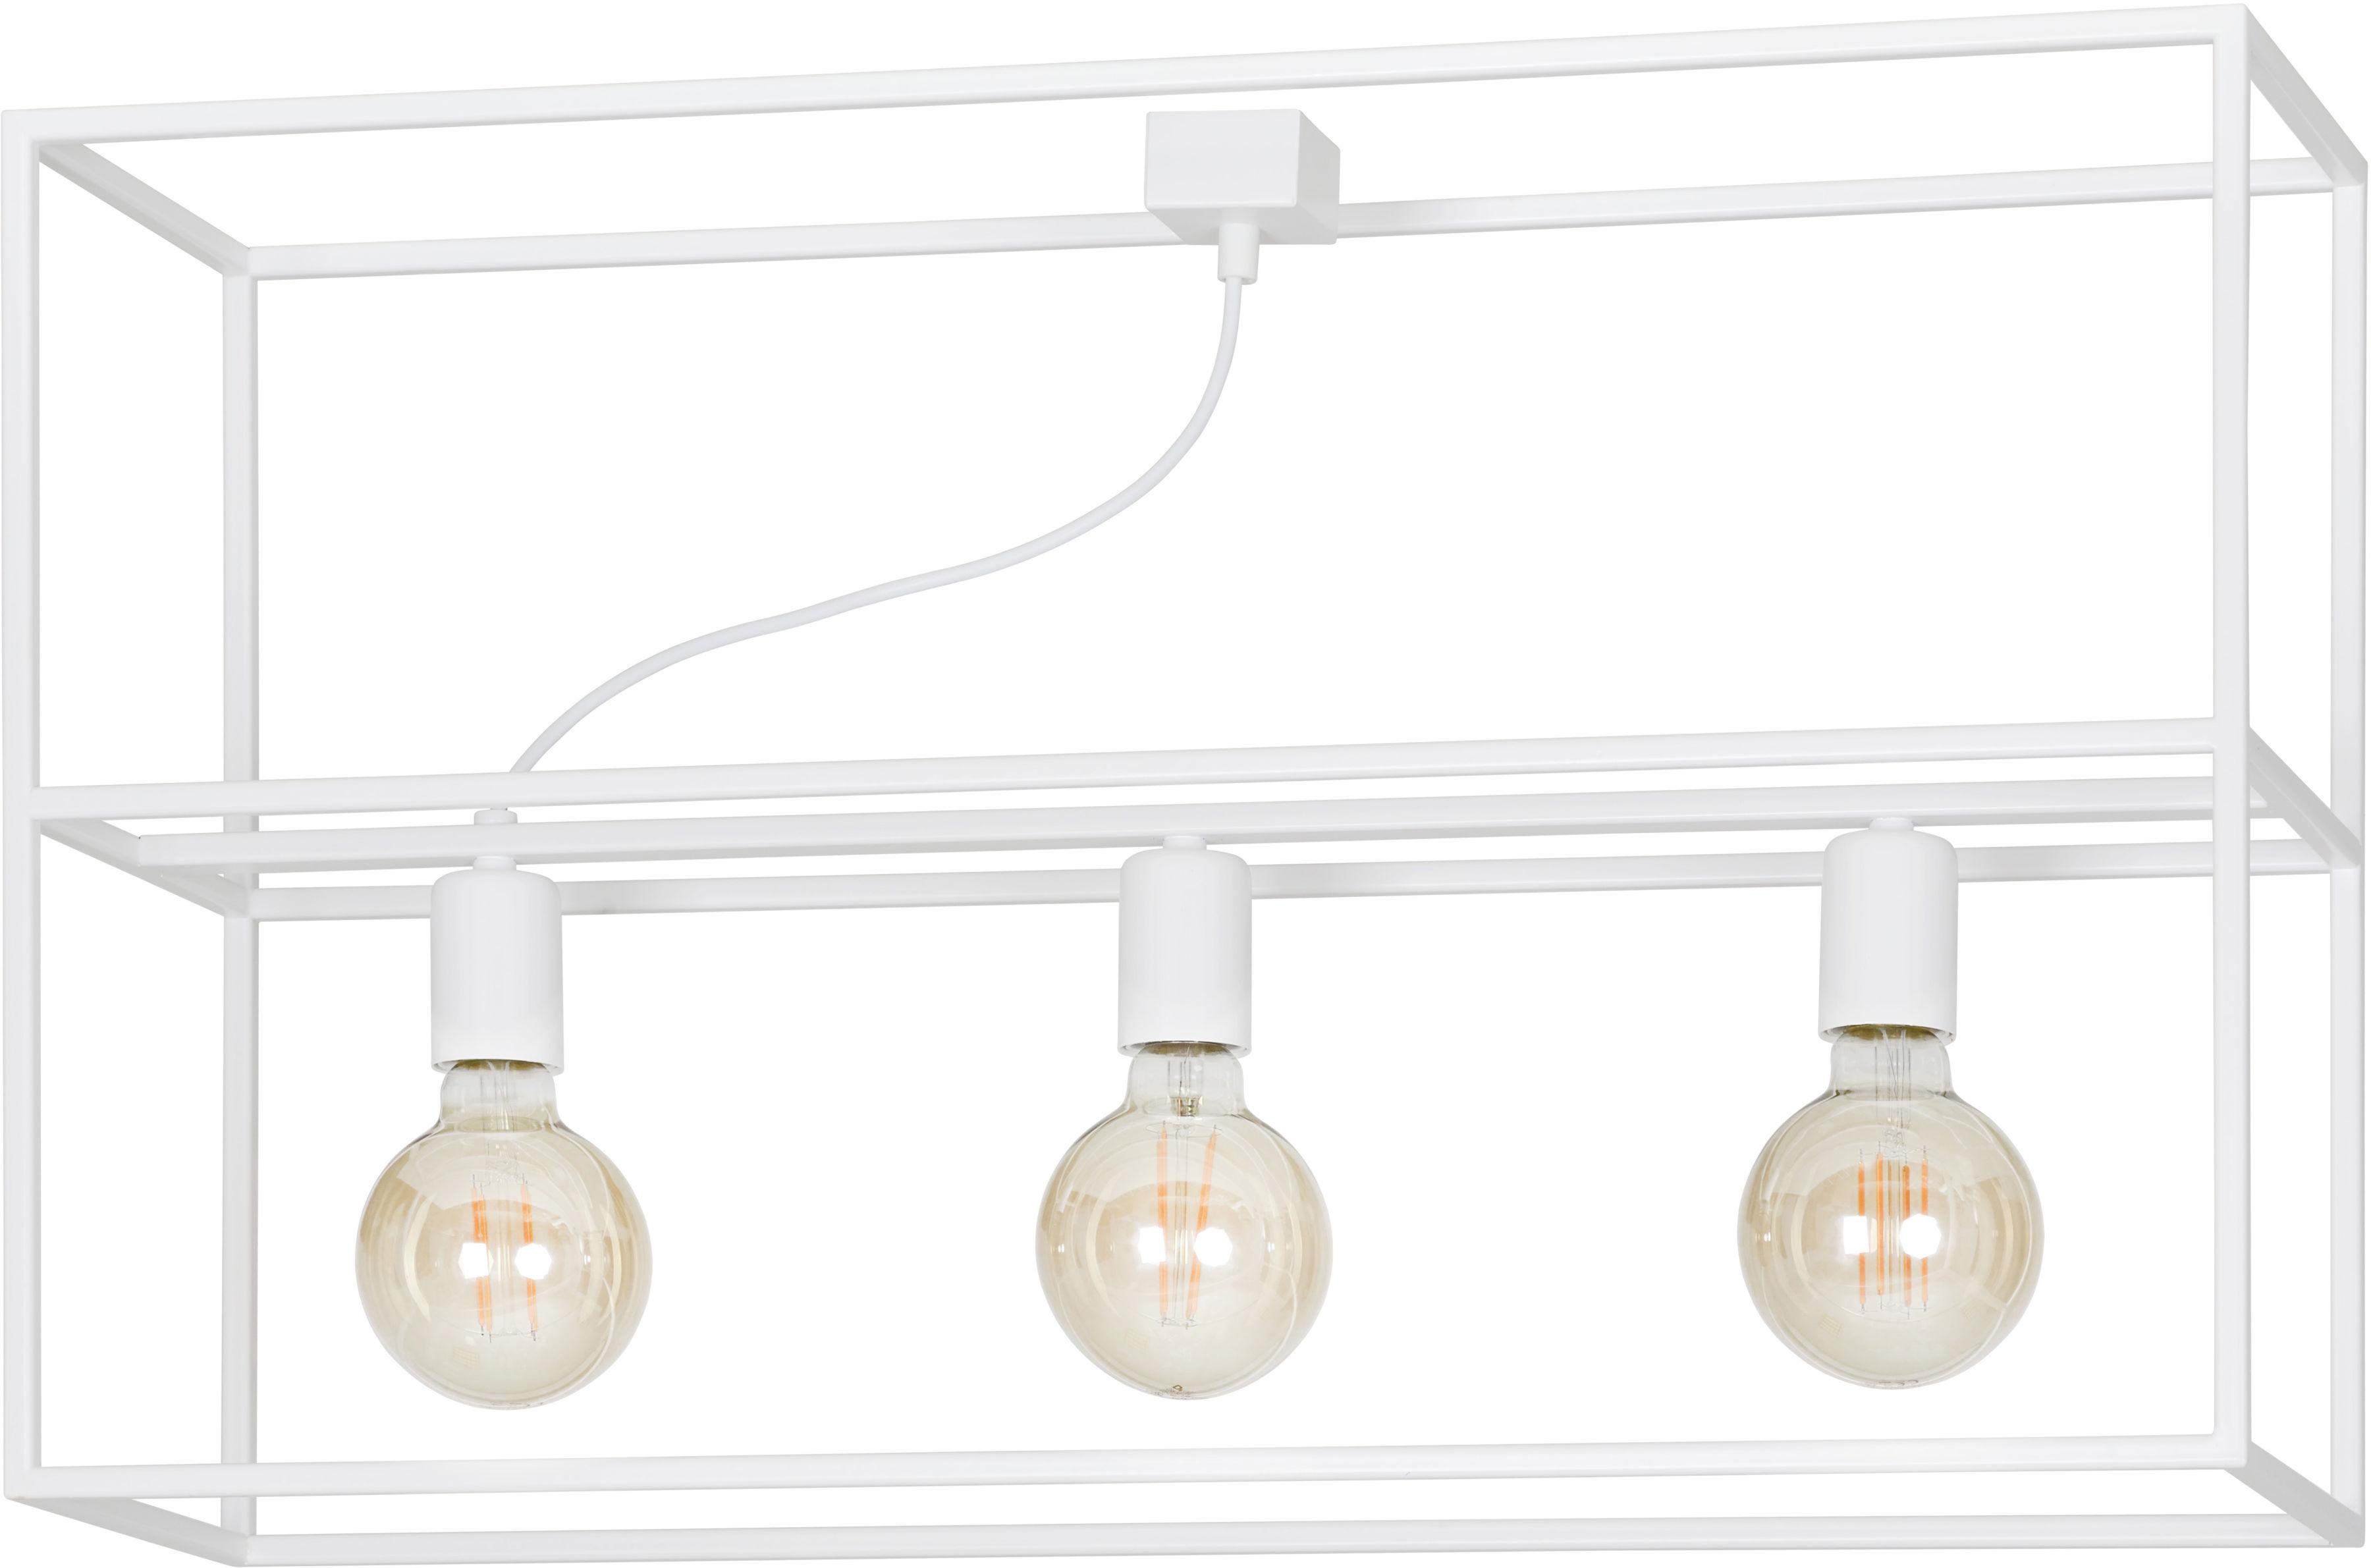 Emibig OMIKRON 3 WHITE 147/3 plafon lampa sufitowa ramka klatka w stylu loft biała 3x60W E27 72cm